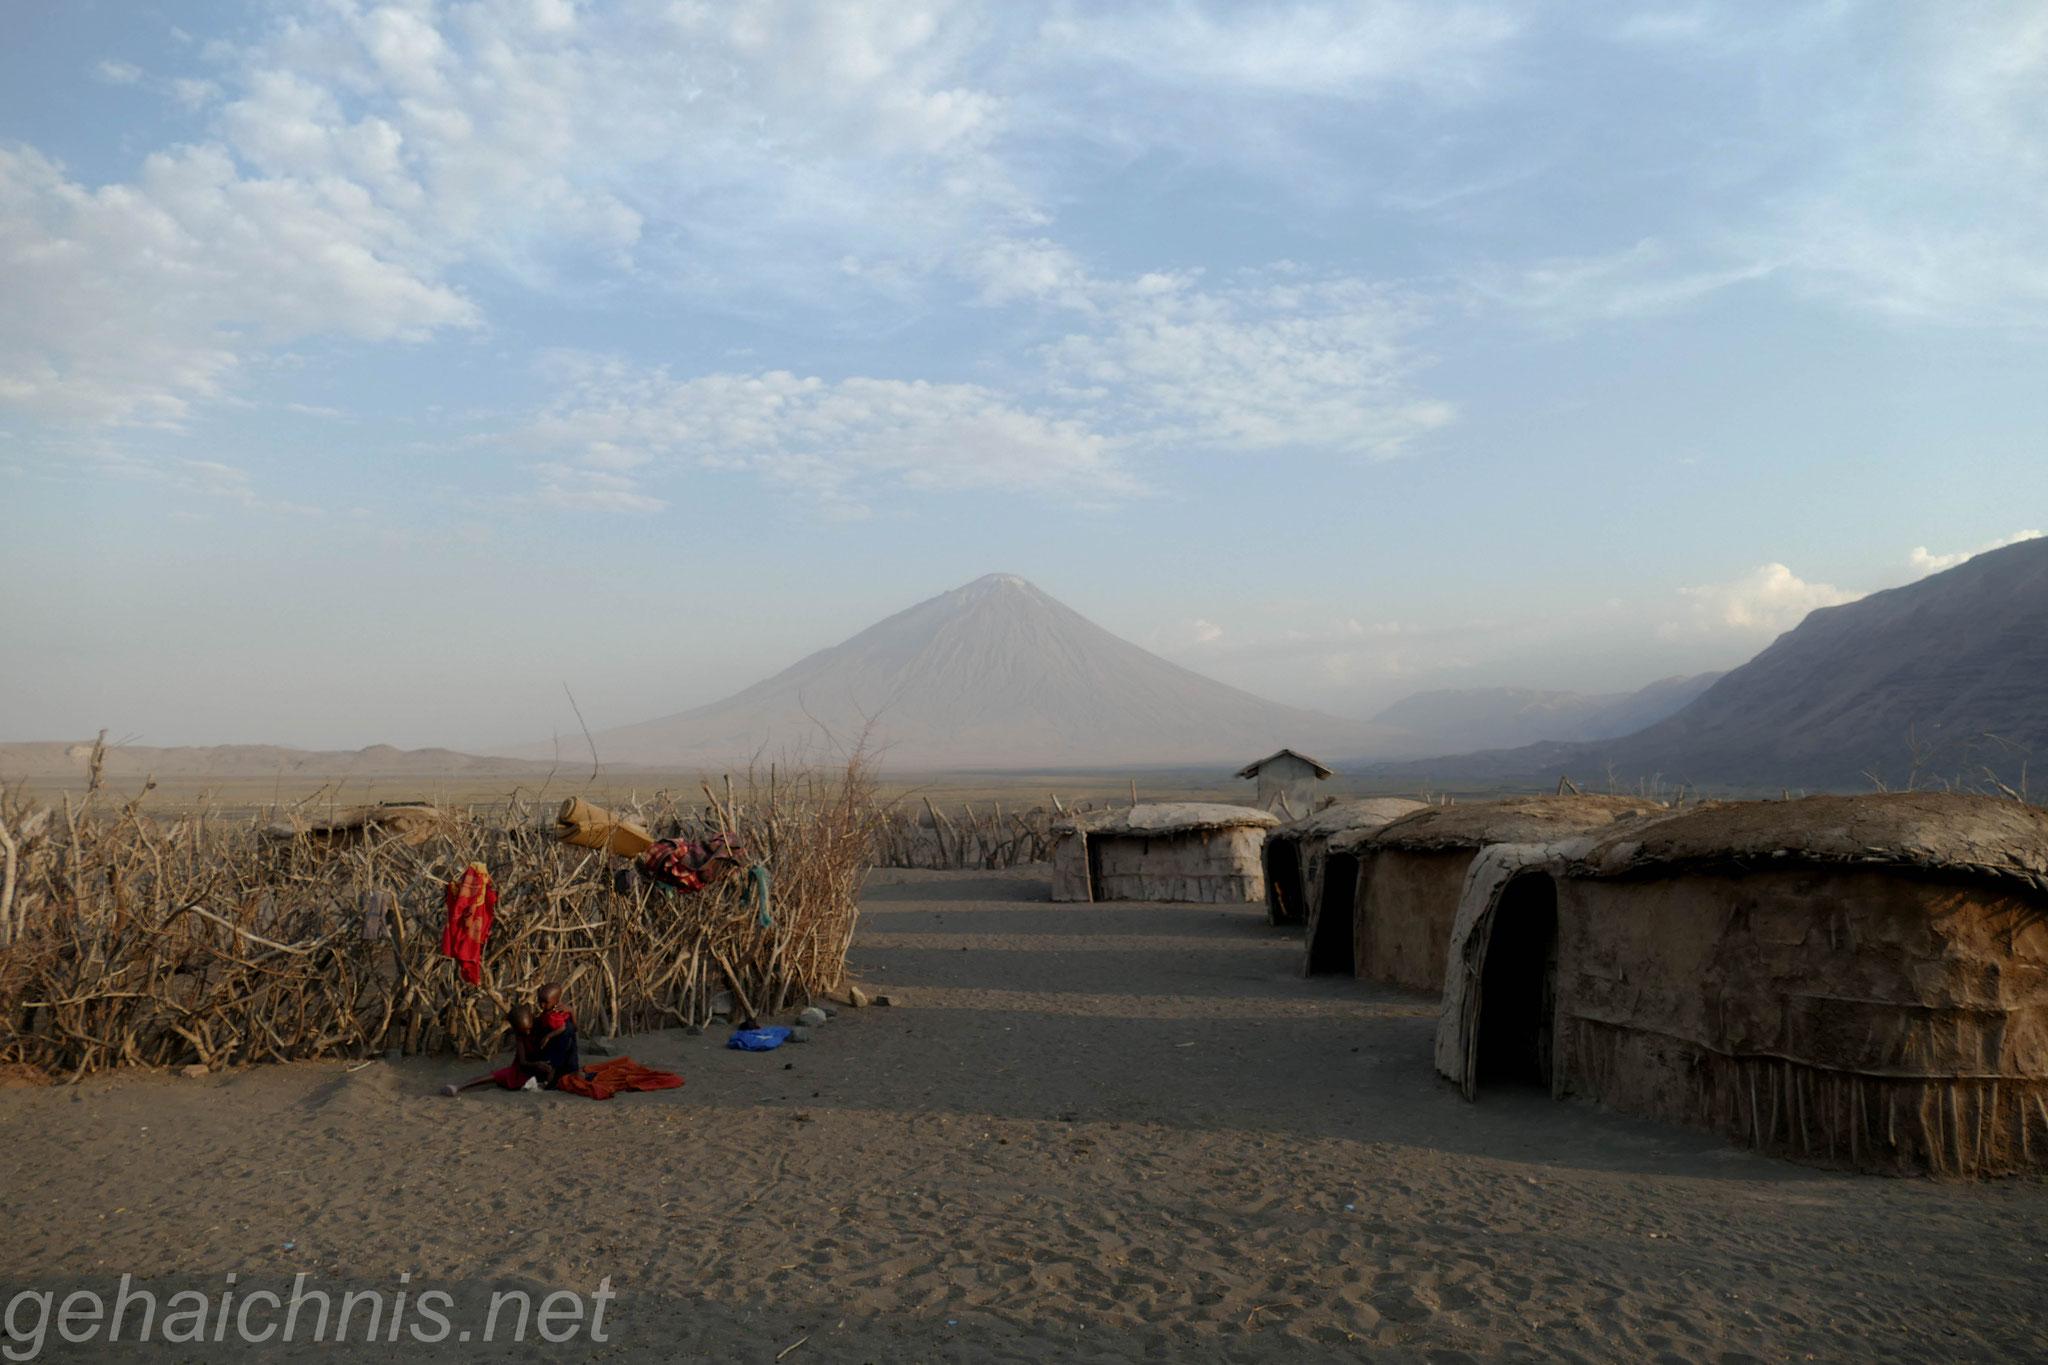 In der Boma der Massai mit dem Ol Doinyo Lengai am Horizont